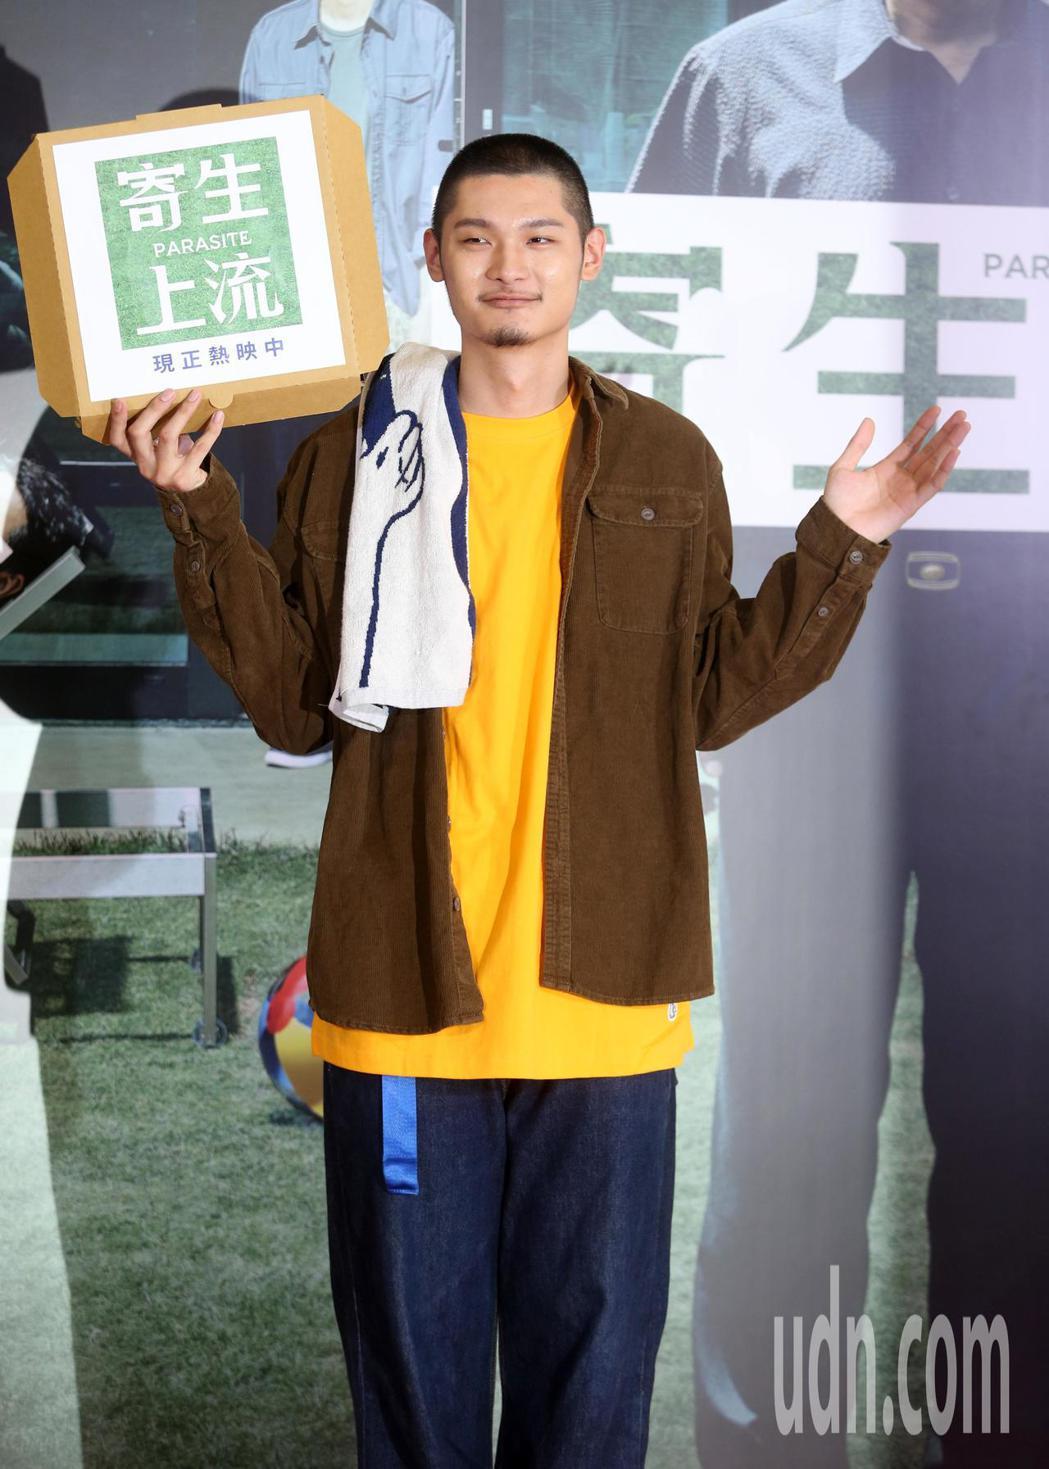 新科金曲歌王 LEO王出席韓國電影「寄生上流」記者會。記者曾吉松/攝影